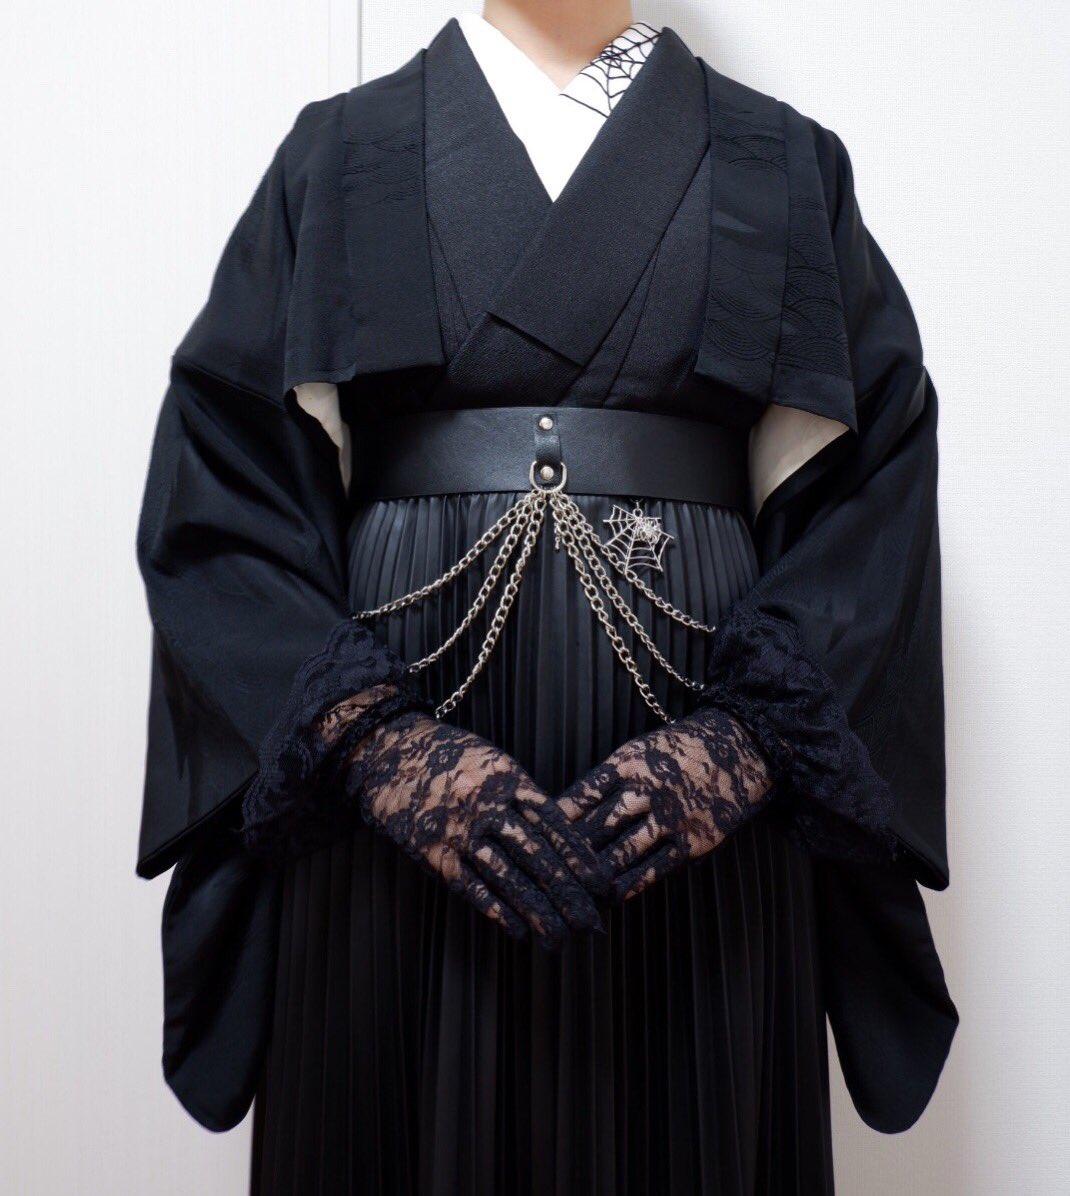 着物にショート丈の羽織とレザースカートを合わせてみた! 羽織が短いことで足長効果が出るのも、お腹周りの装飾やスカートのヒラヒラを隠さず見せれるのも好き…!